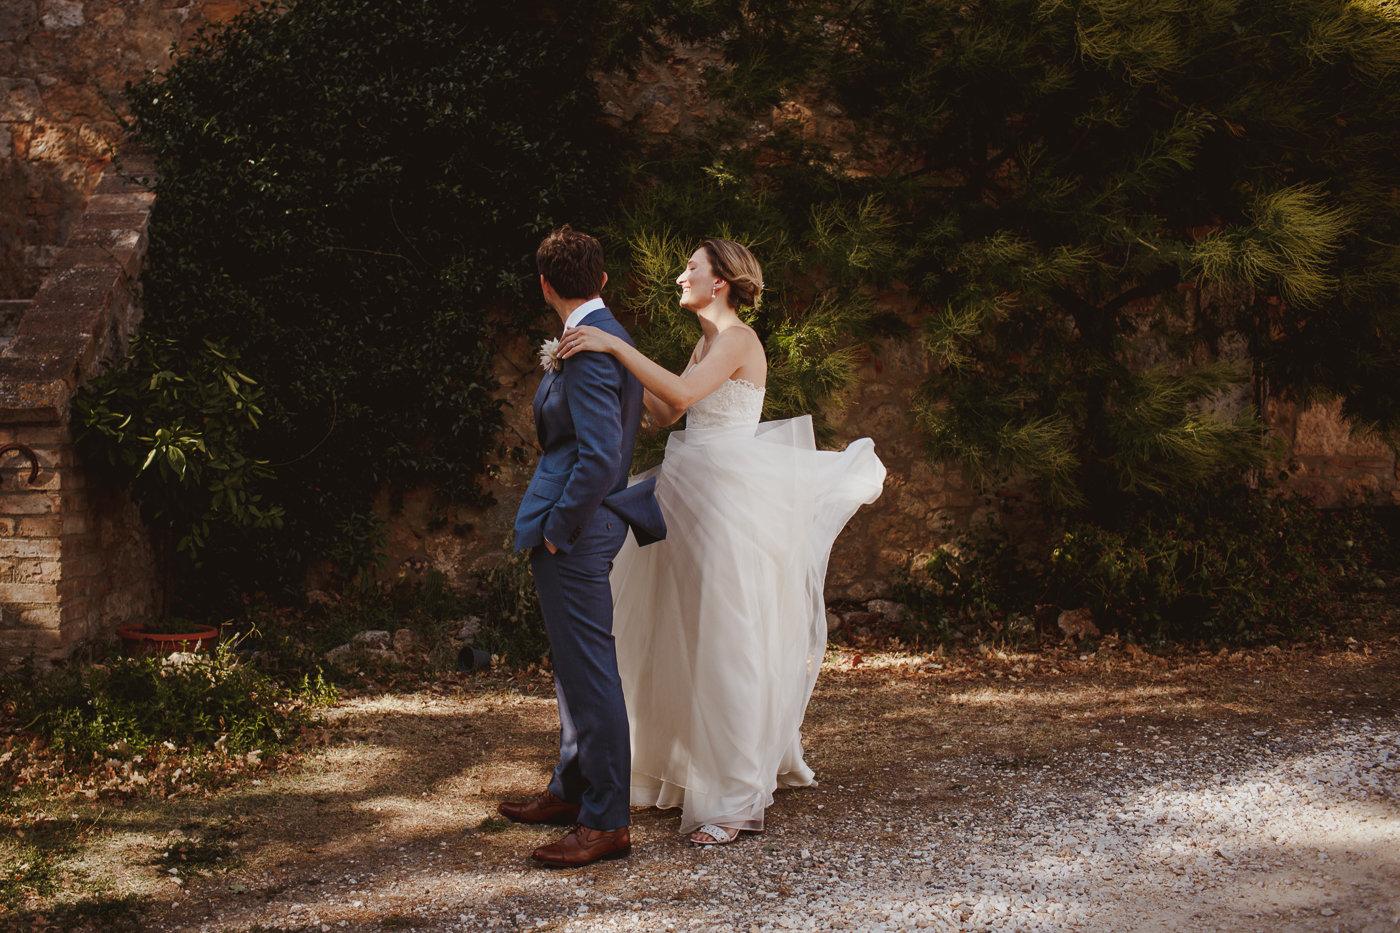 tenuta-di-bichi-borghesi-wedding-17.jpg